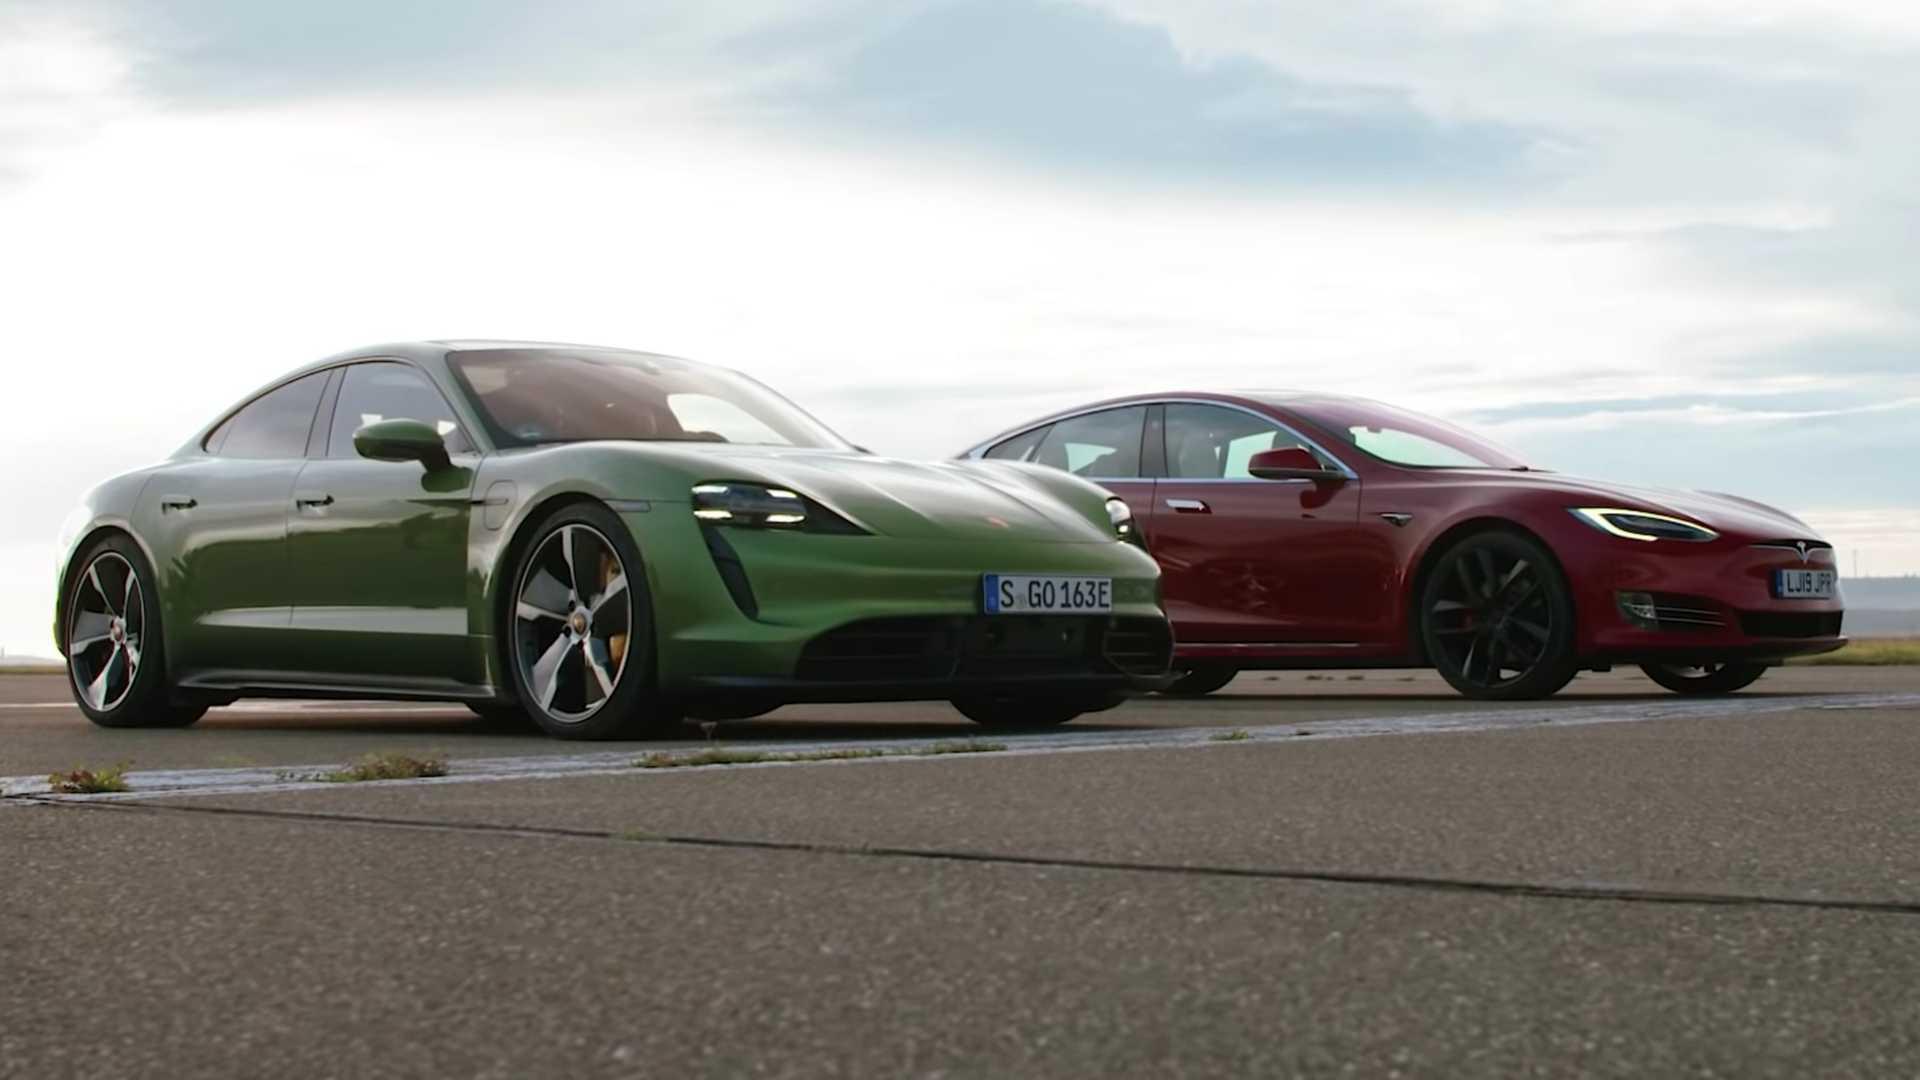 top-gear-porsche-taycan-turbo-s-versus-tesla-model-s